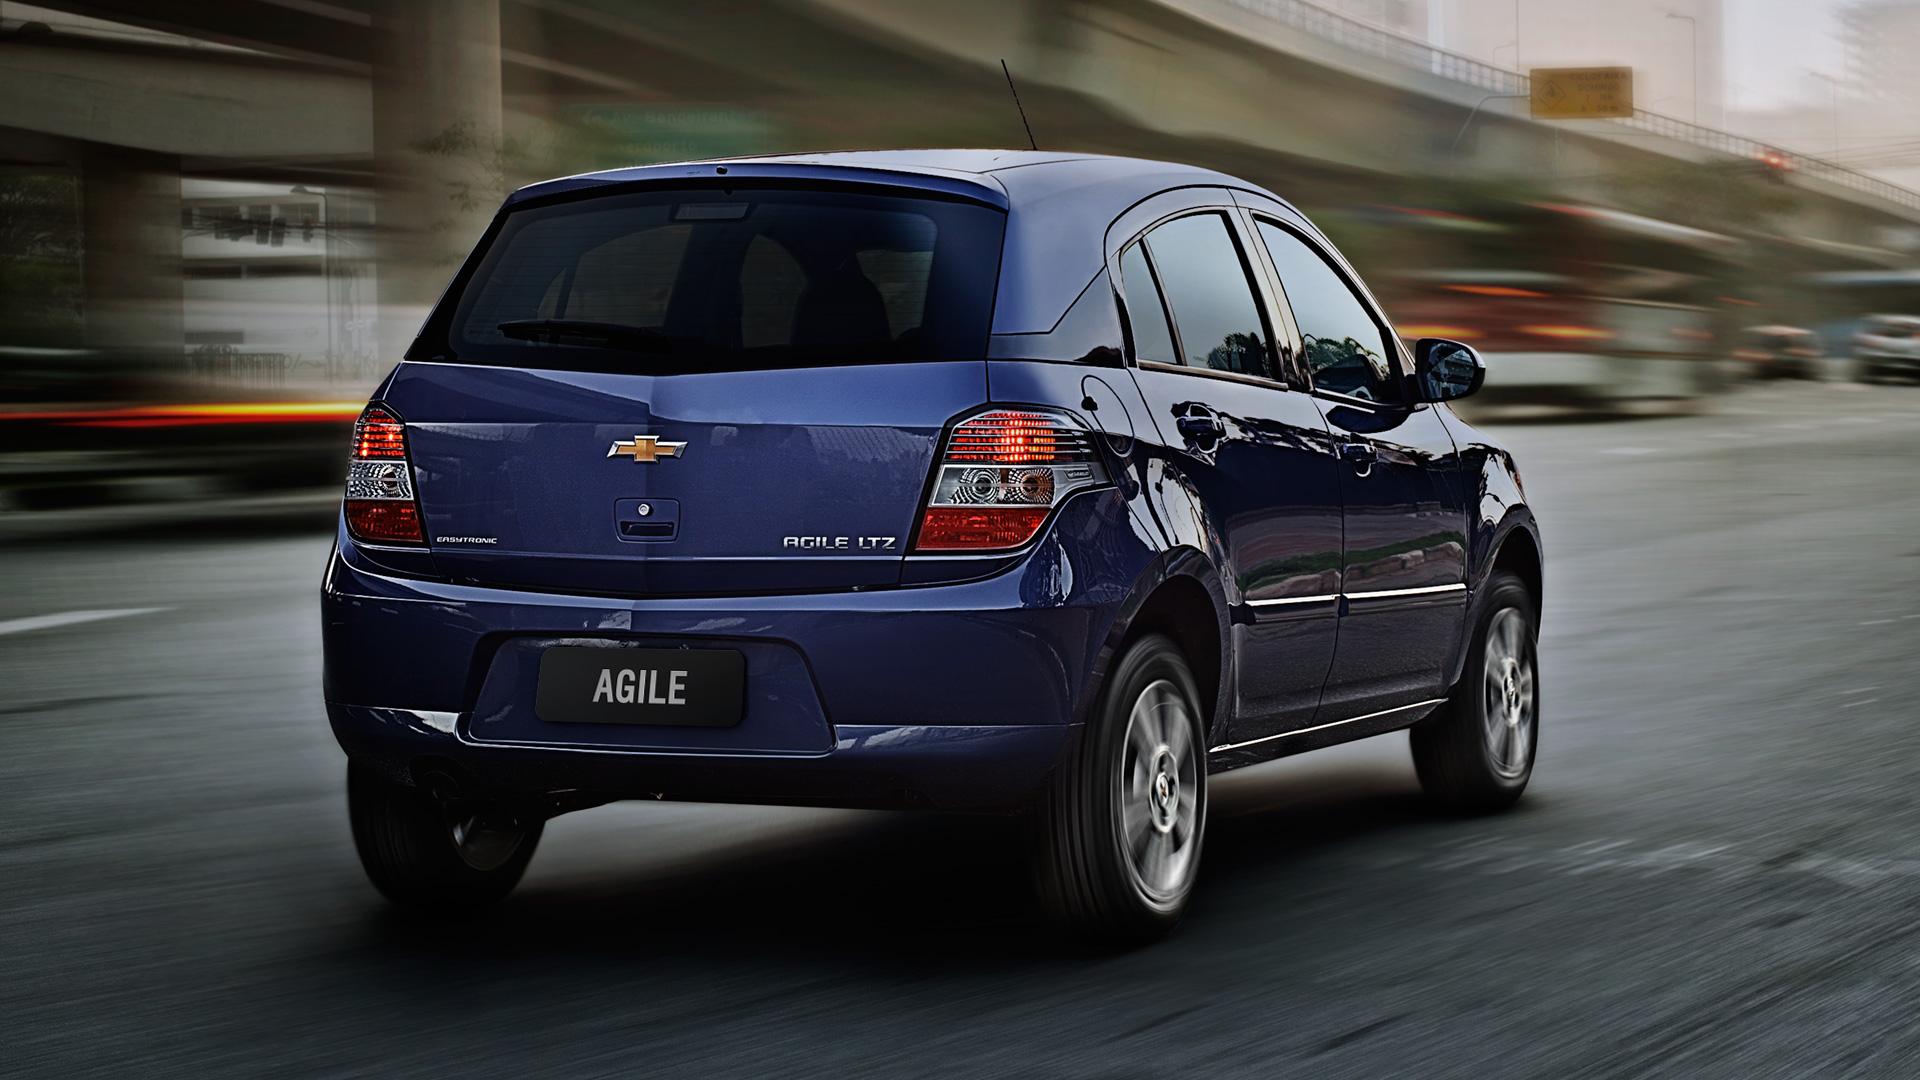 CHEVROLET Agile - 2009, 2010, 2011, 2012, 2013 - autoevolution